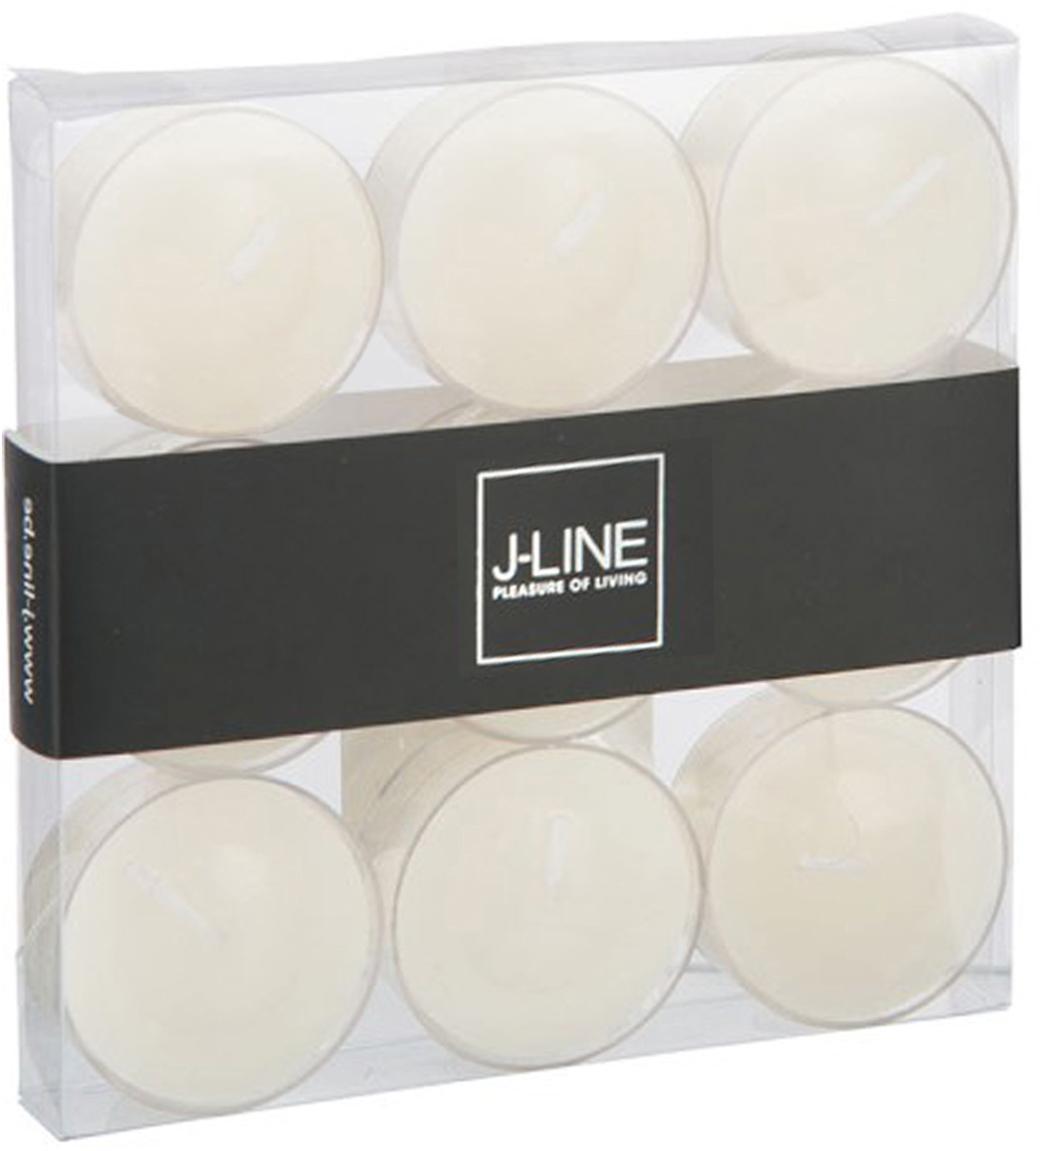 Lumini Pova, 9 pz., Contenitore: materiale sintetico, Bianco, Larg. 12 x Alt. 2 cm